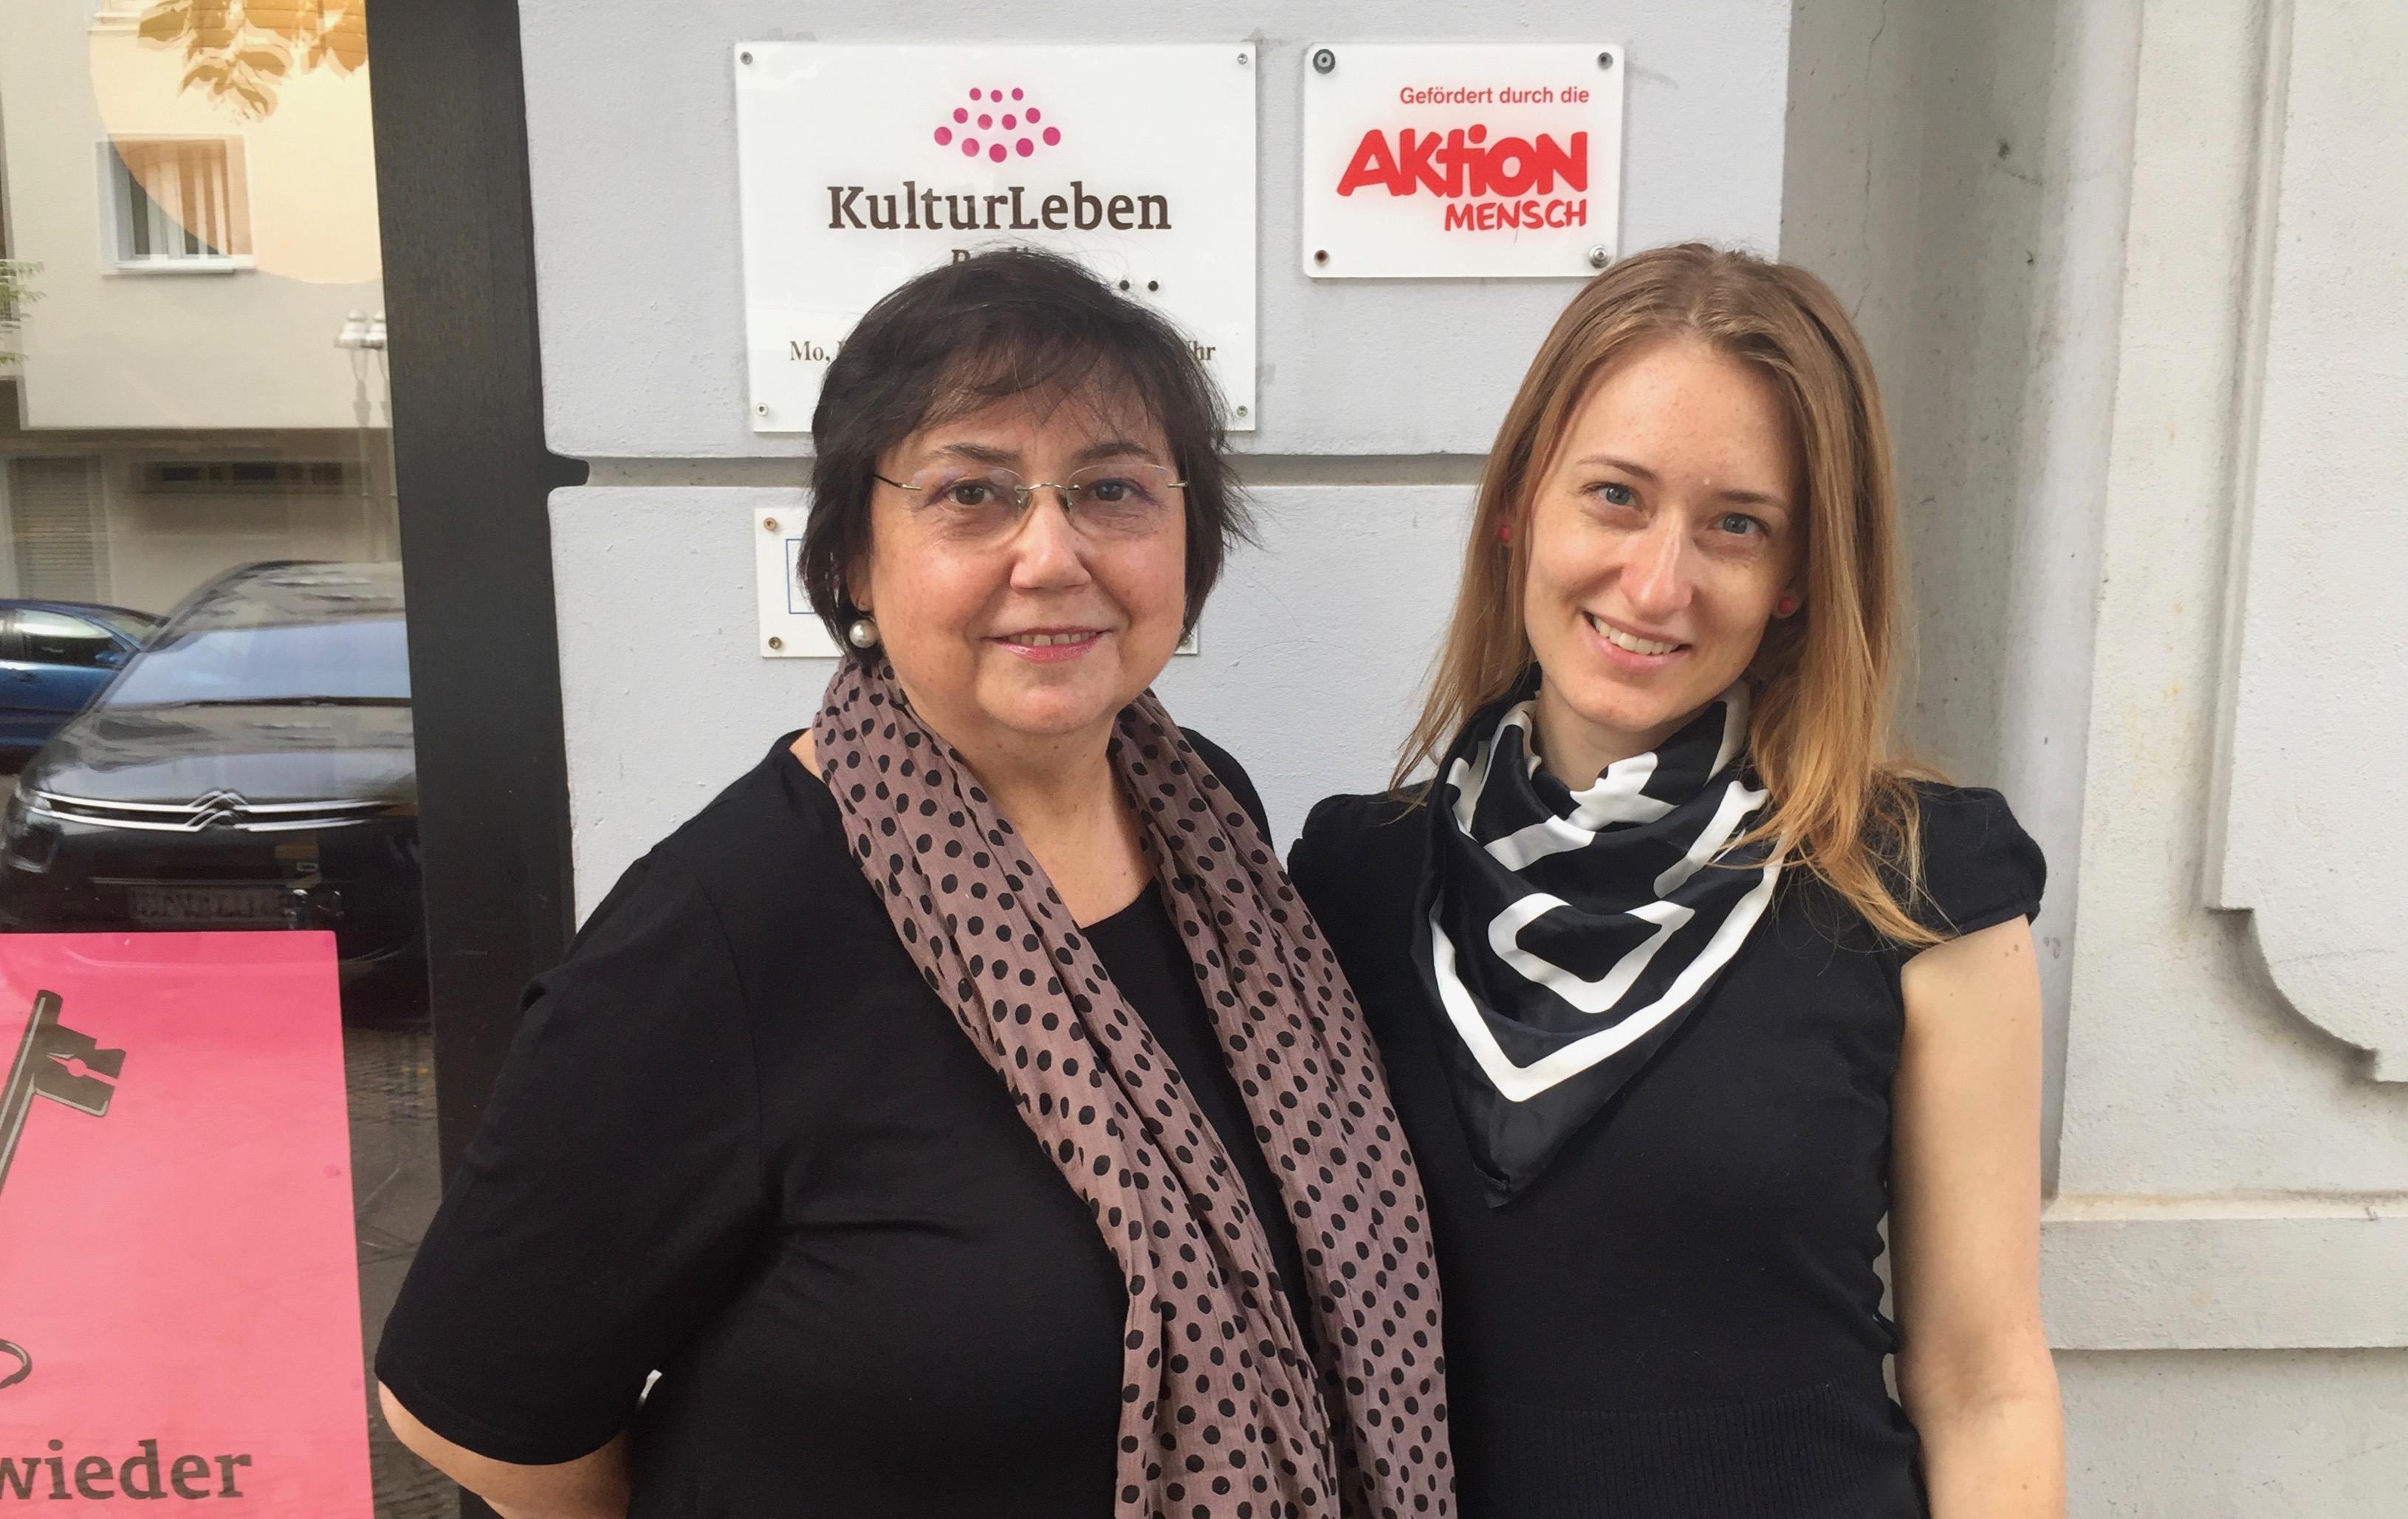 Unser Team: Valeria Pop (Verwaltung) links im Bild und Veronika Vlachova (Musikwissenschaft und Programmplanung) rechts im Bild